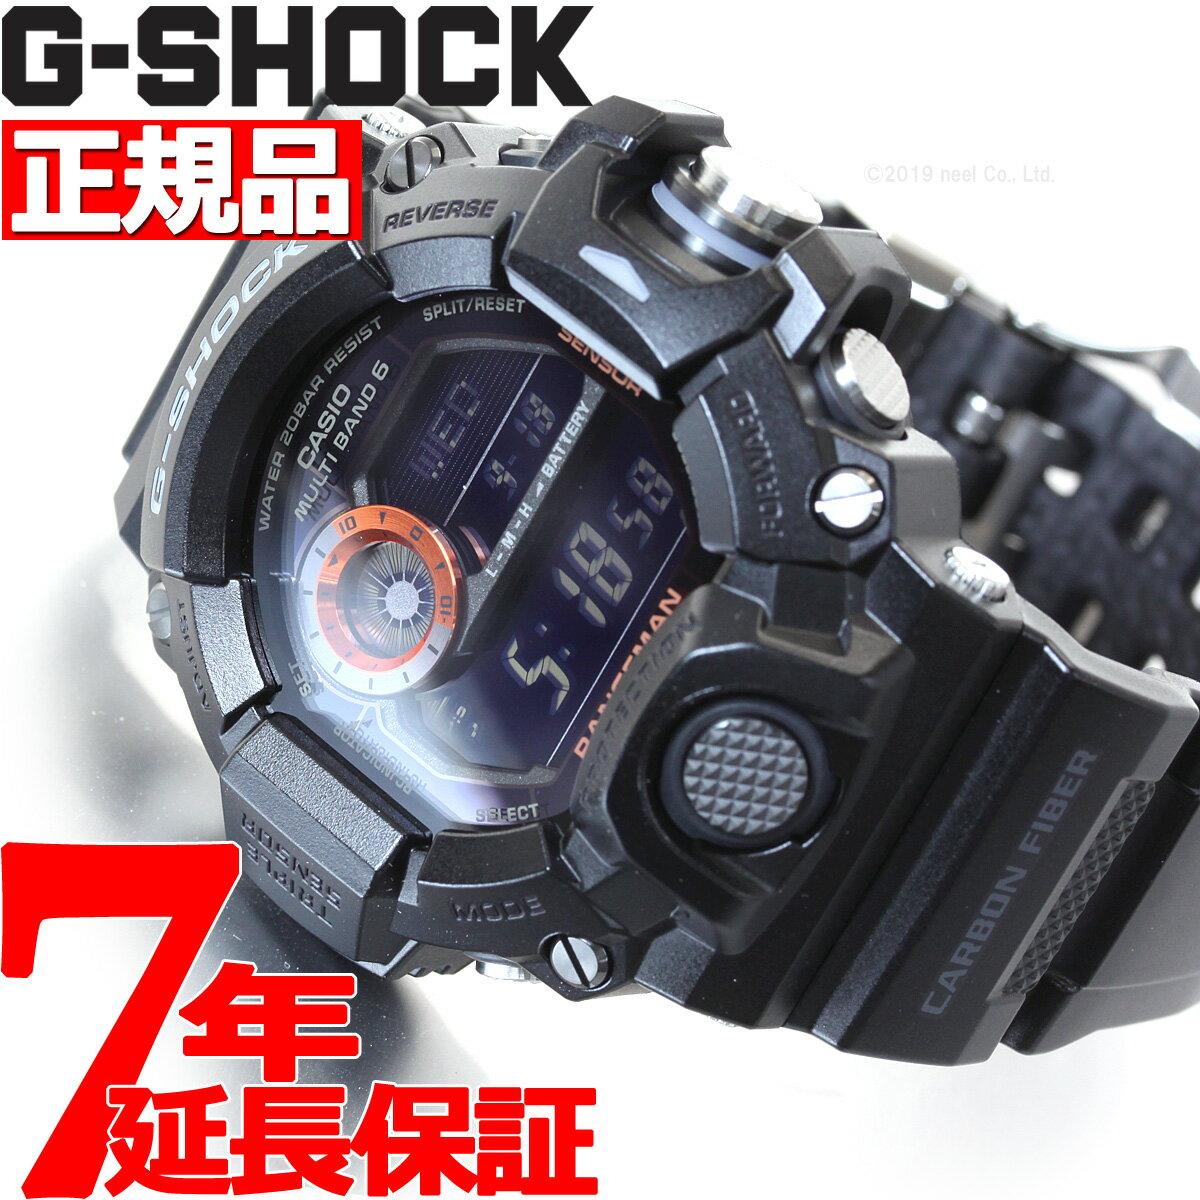 腕時計, メンズ腕時計 1OFF38232359G-SHOCK G CASIO RANGEMAN G GW-9400BJ-1JF